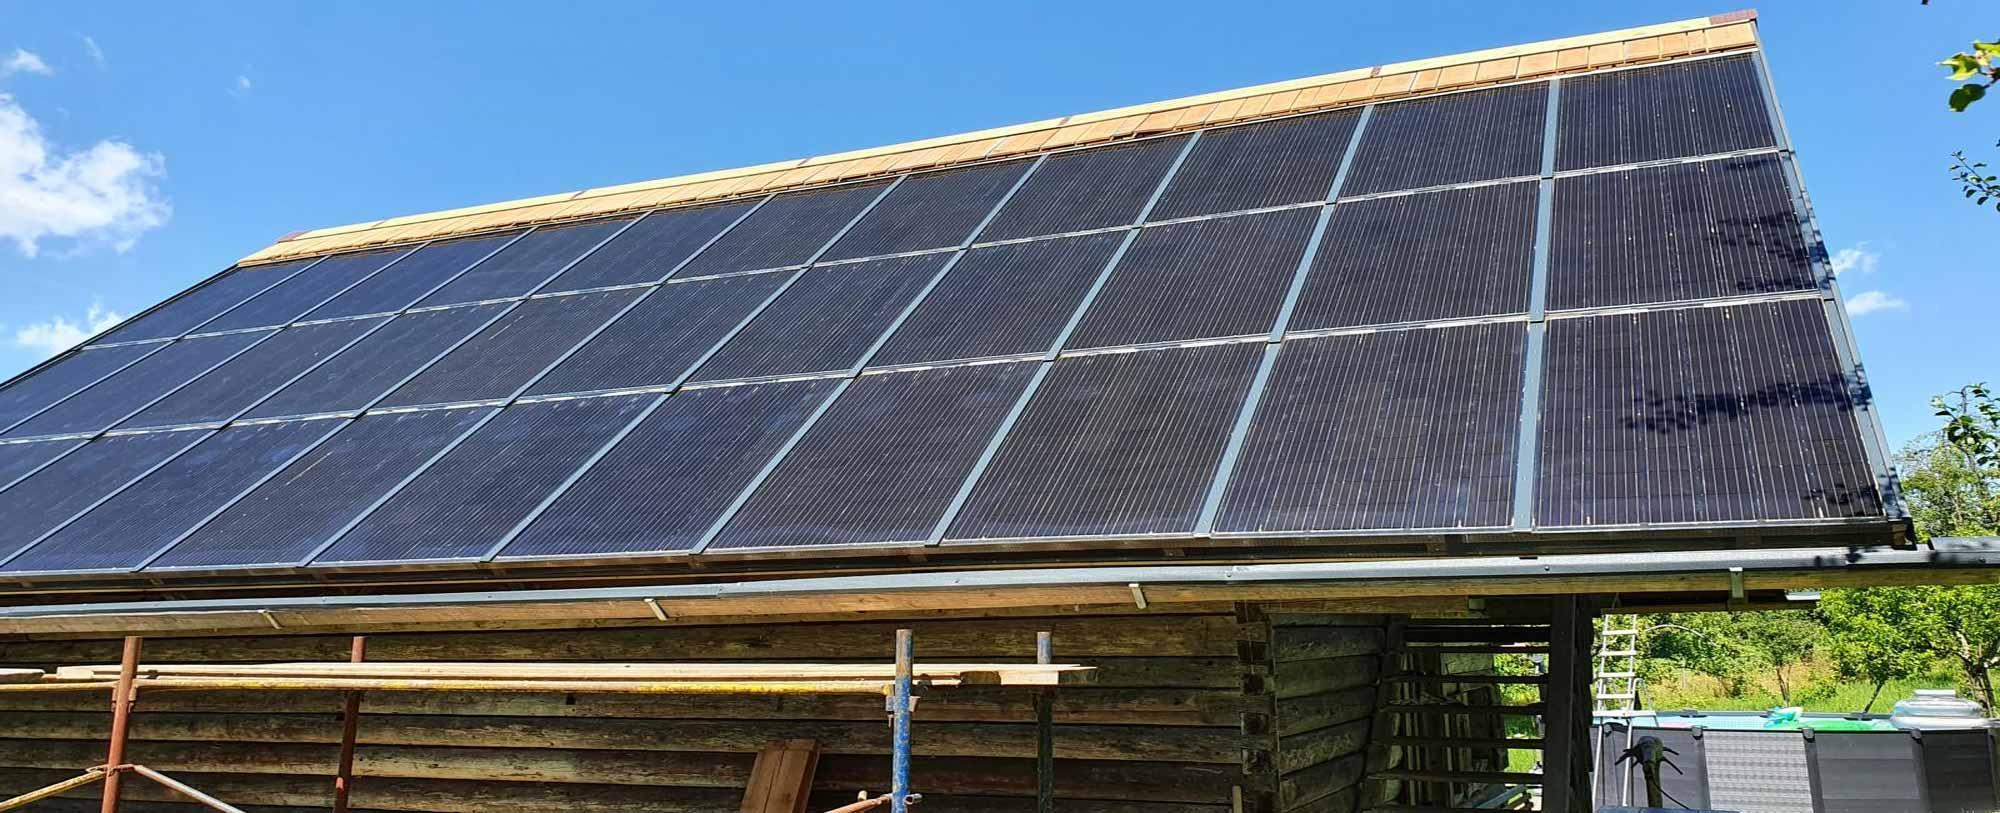 Photovoltaikanlag